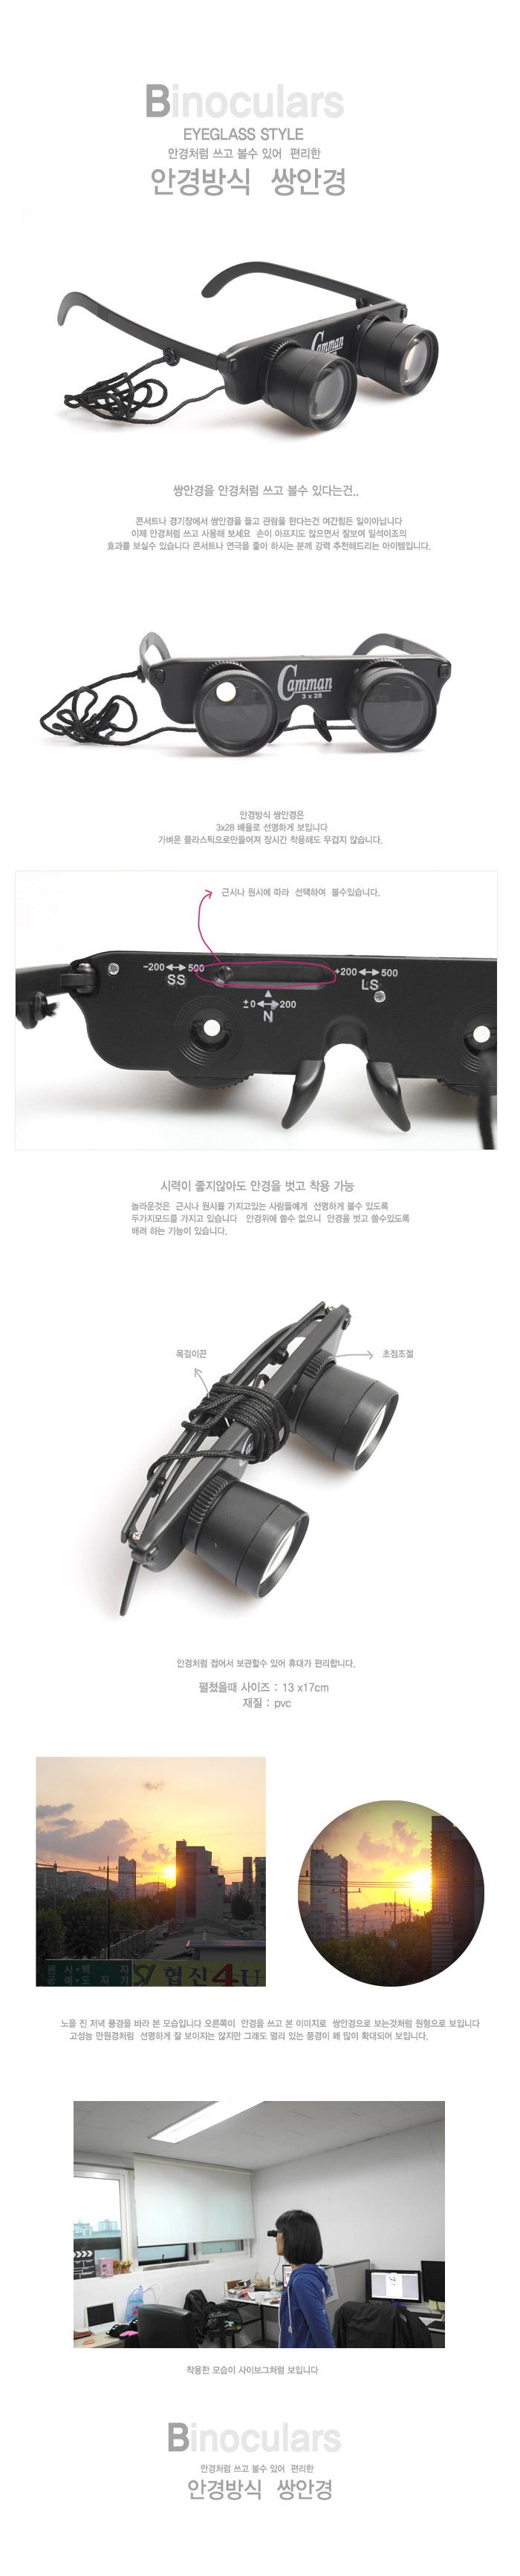 안경방식 쌍안경 - 진바스, 8,000원, 아이디어 상품, 아이디어 상품